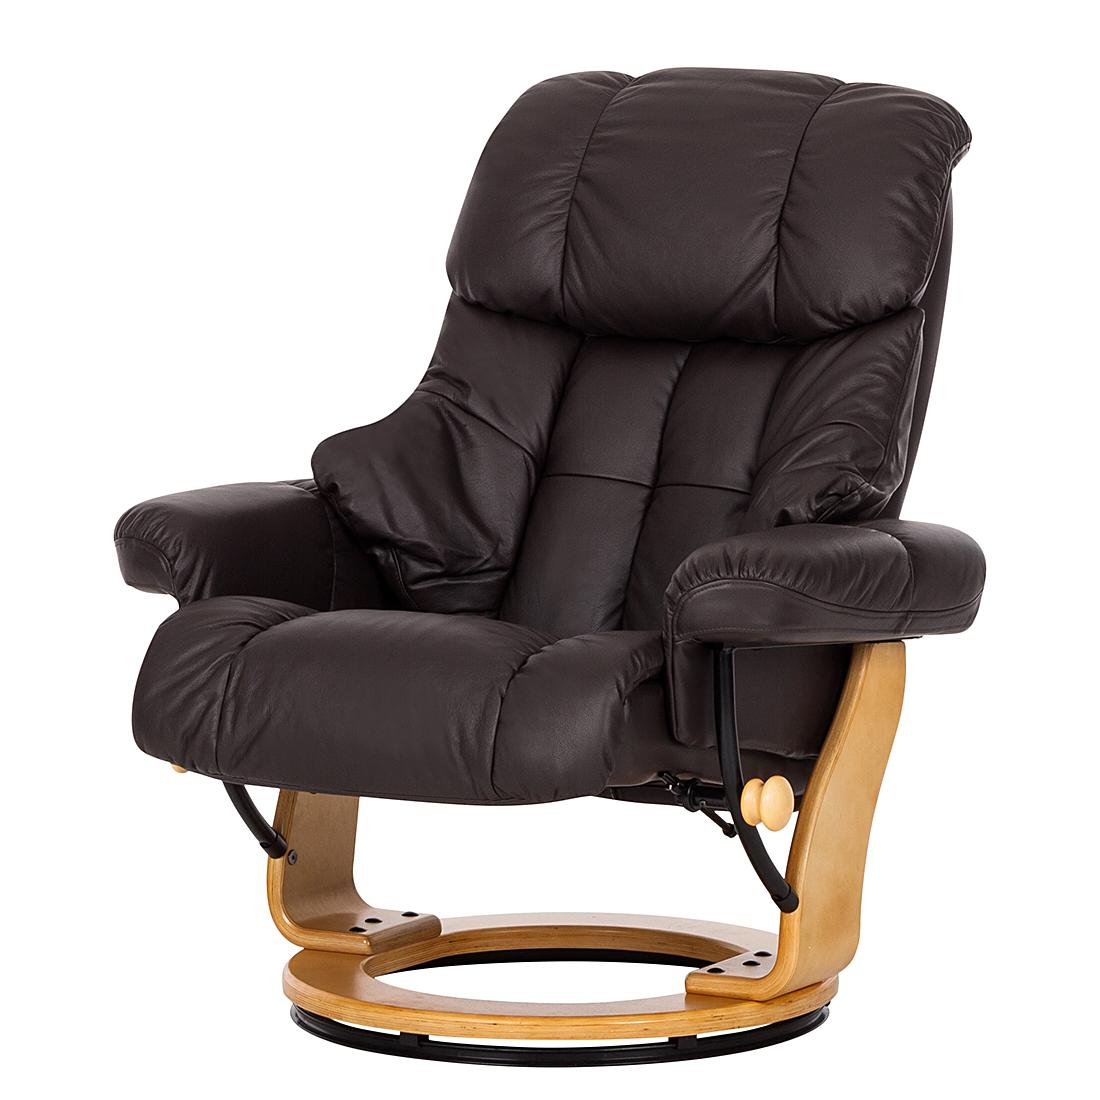 Echtleder-Relaxsessel Sessel Wohnzimmer 105x85x85cm Echtleder ...